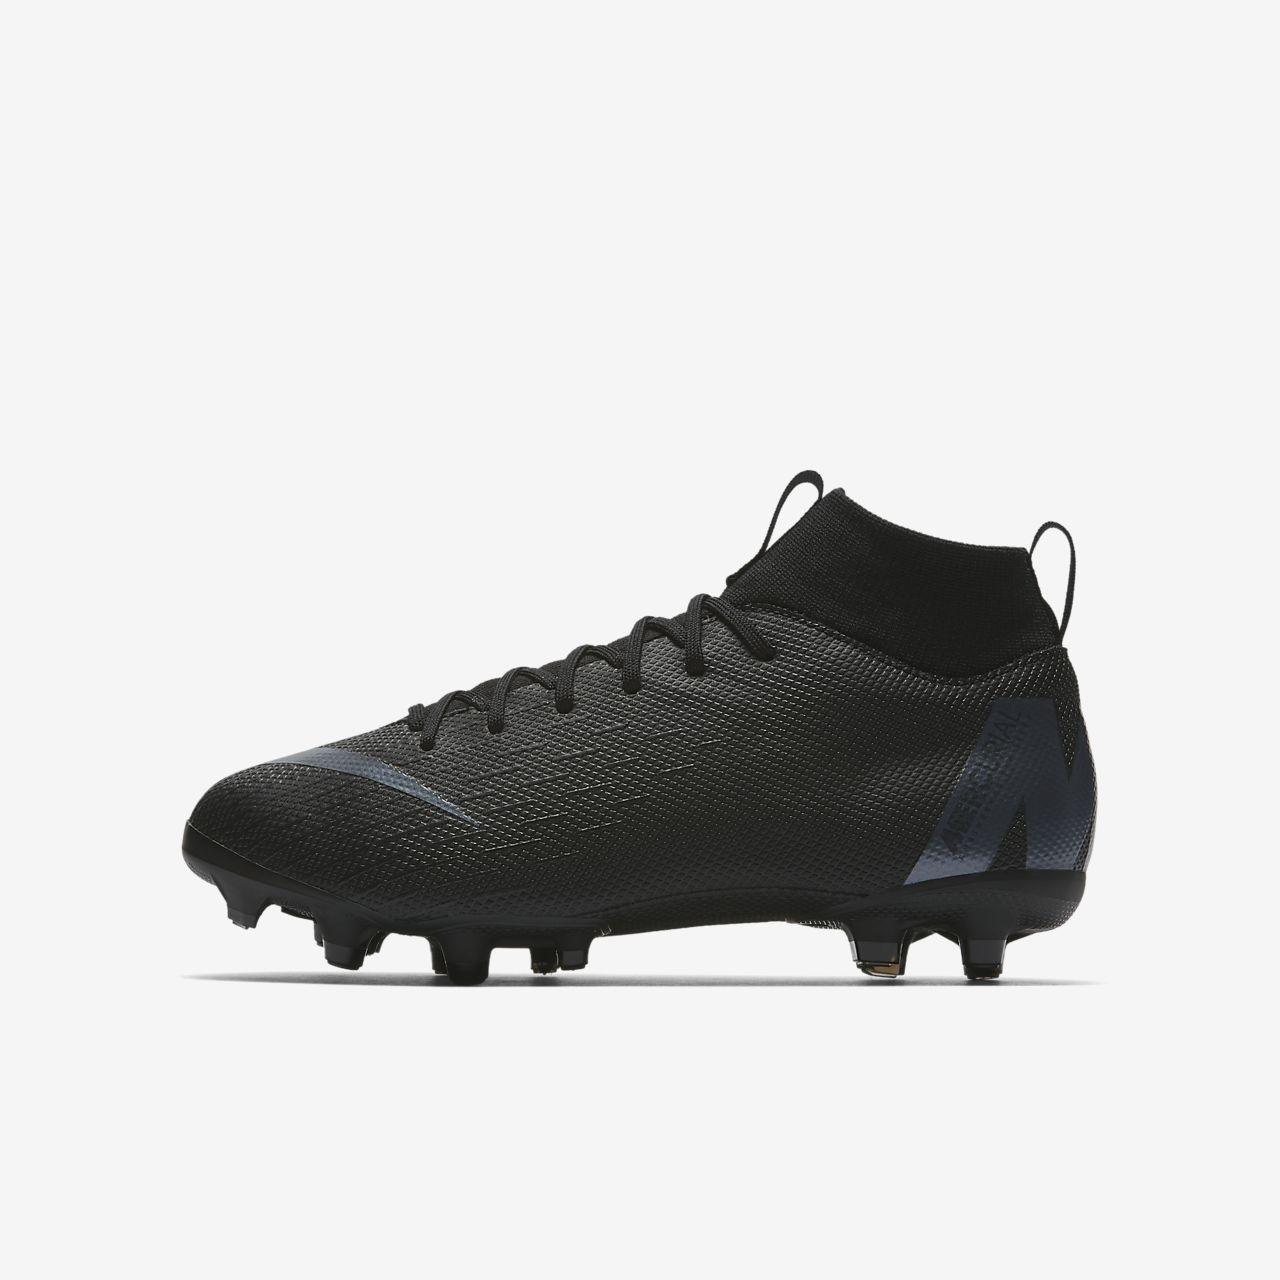 Scarpa Bambini Da Superfly Nike Academy Vi Calcio Jr Multiterreno vrw8navqF